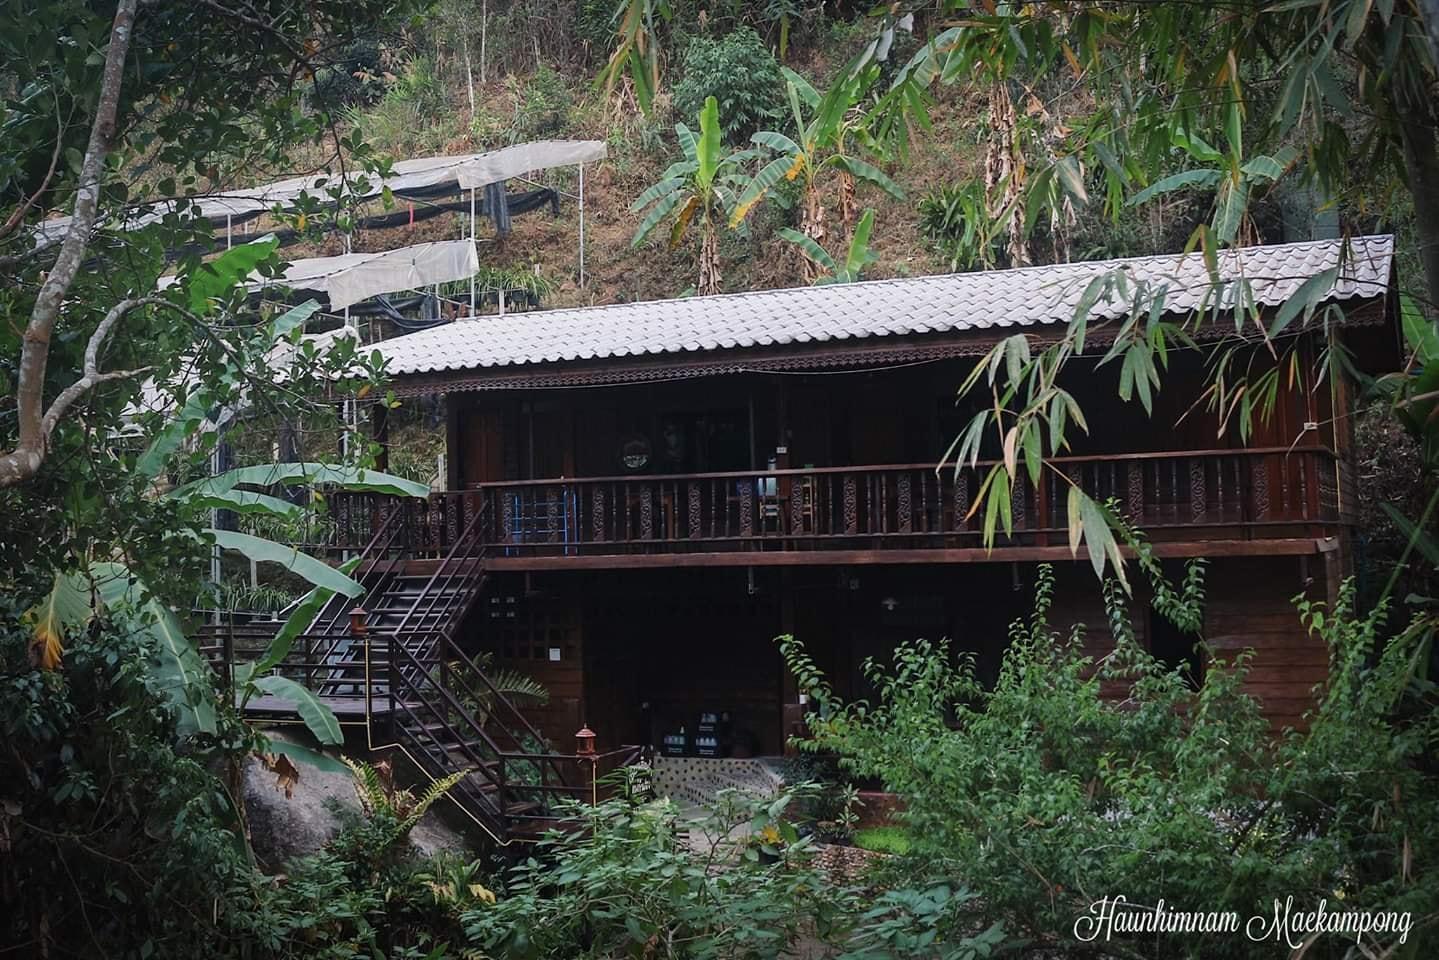 Huanhimnam Maekampong Family 2 บังกะโล 1 ห้องนอน 1 ห้องน้ำส่วนตัว ขนาด 30 ตร.ม. – ดอยสะเก็ด